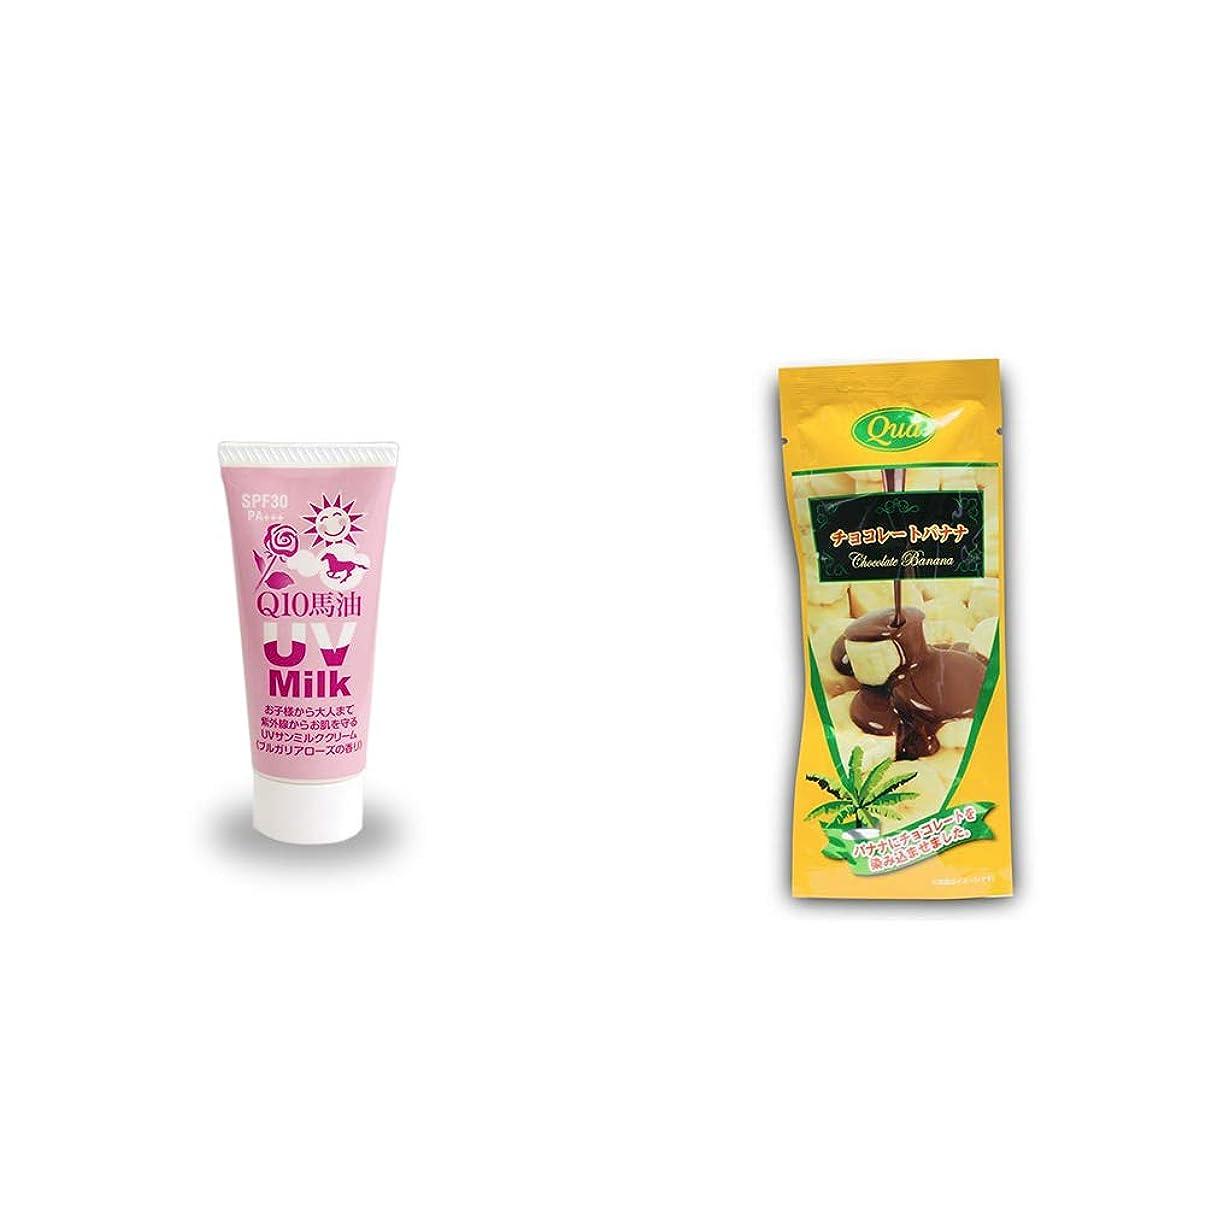 スカリー代表するウェイトレス[2点セット] 炭黒泉 Q10馬油 UVサンミルク[ブルガリアローズ](40g)?フリーズドライ チョコレートバナナ(50g)